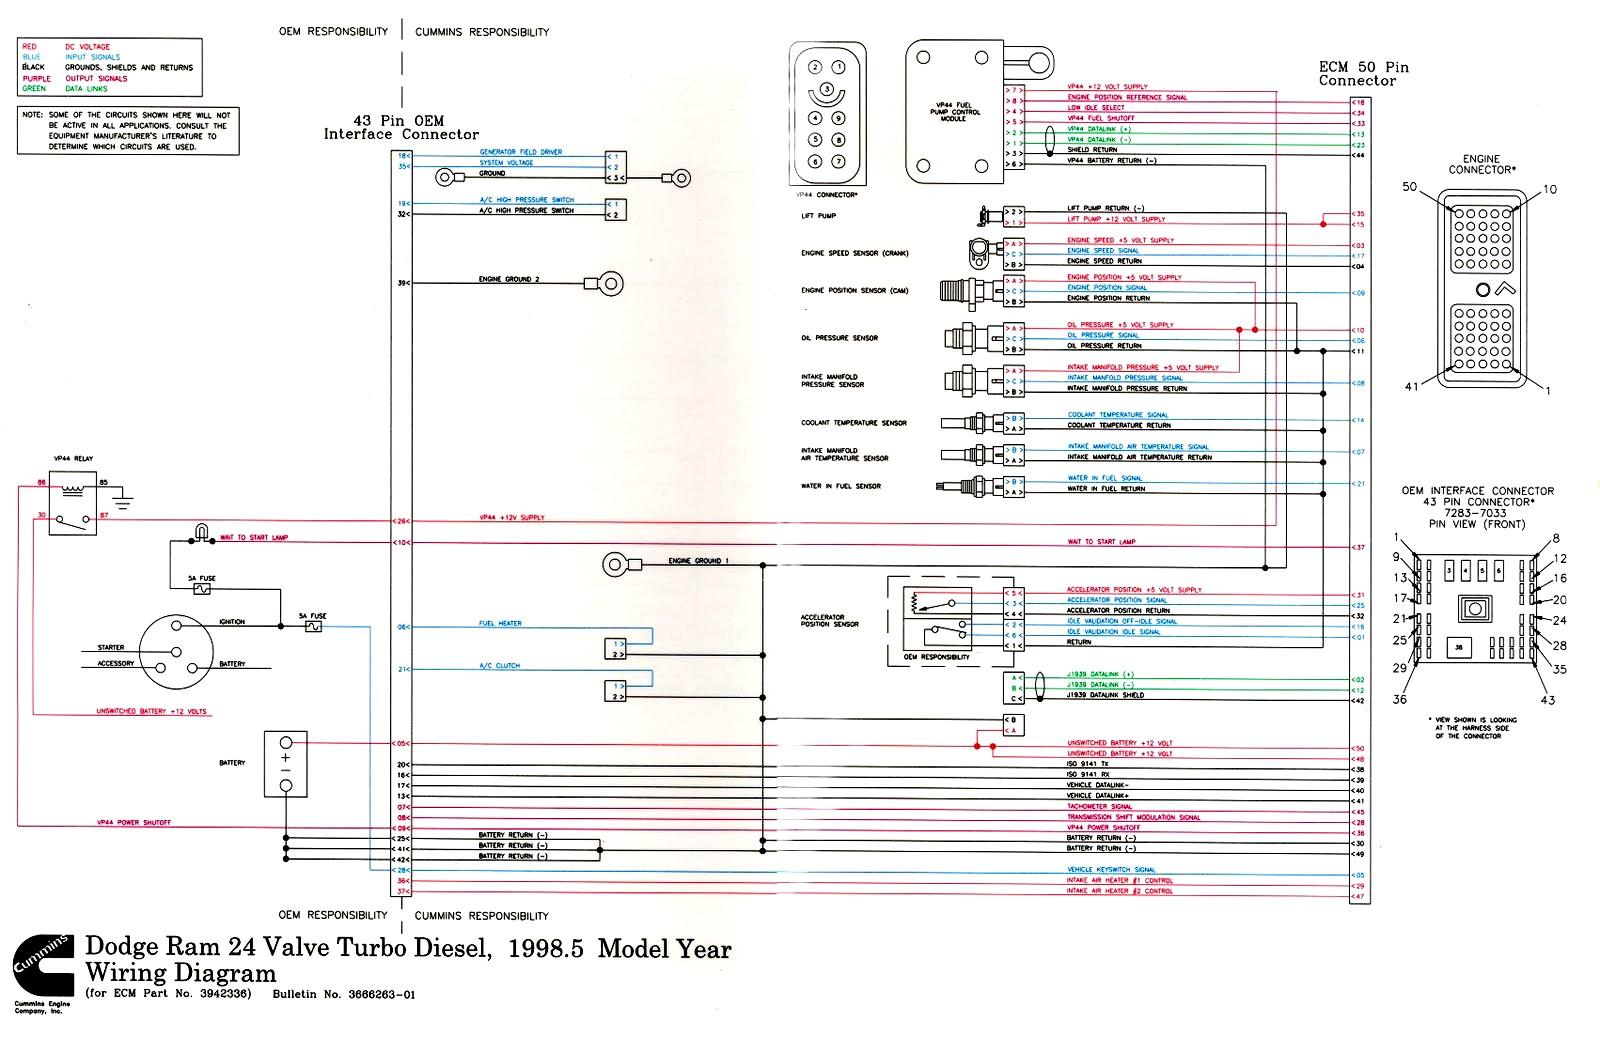 Cummins N14 Celect Plus Wiring Diagram Bmw Stereo E36 Diagrama De Cableado Y Esquema Con